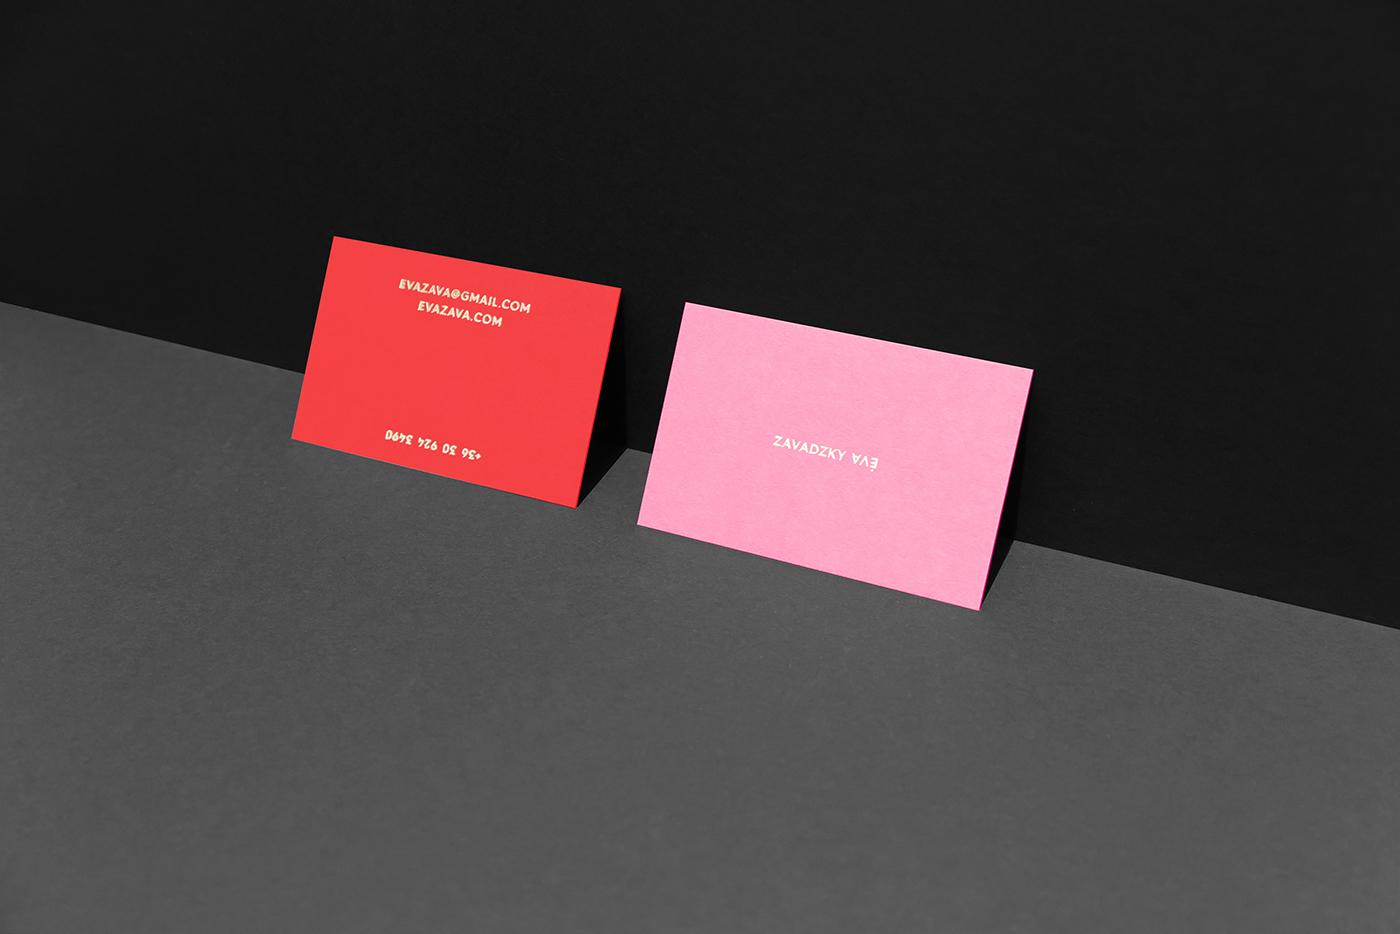 branding  identity cearmics colours print design  golden foil Web Design  dots dot pattern